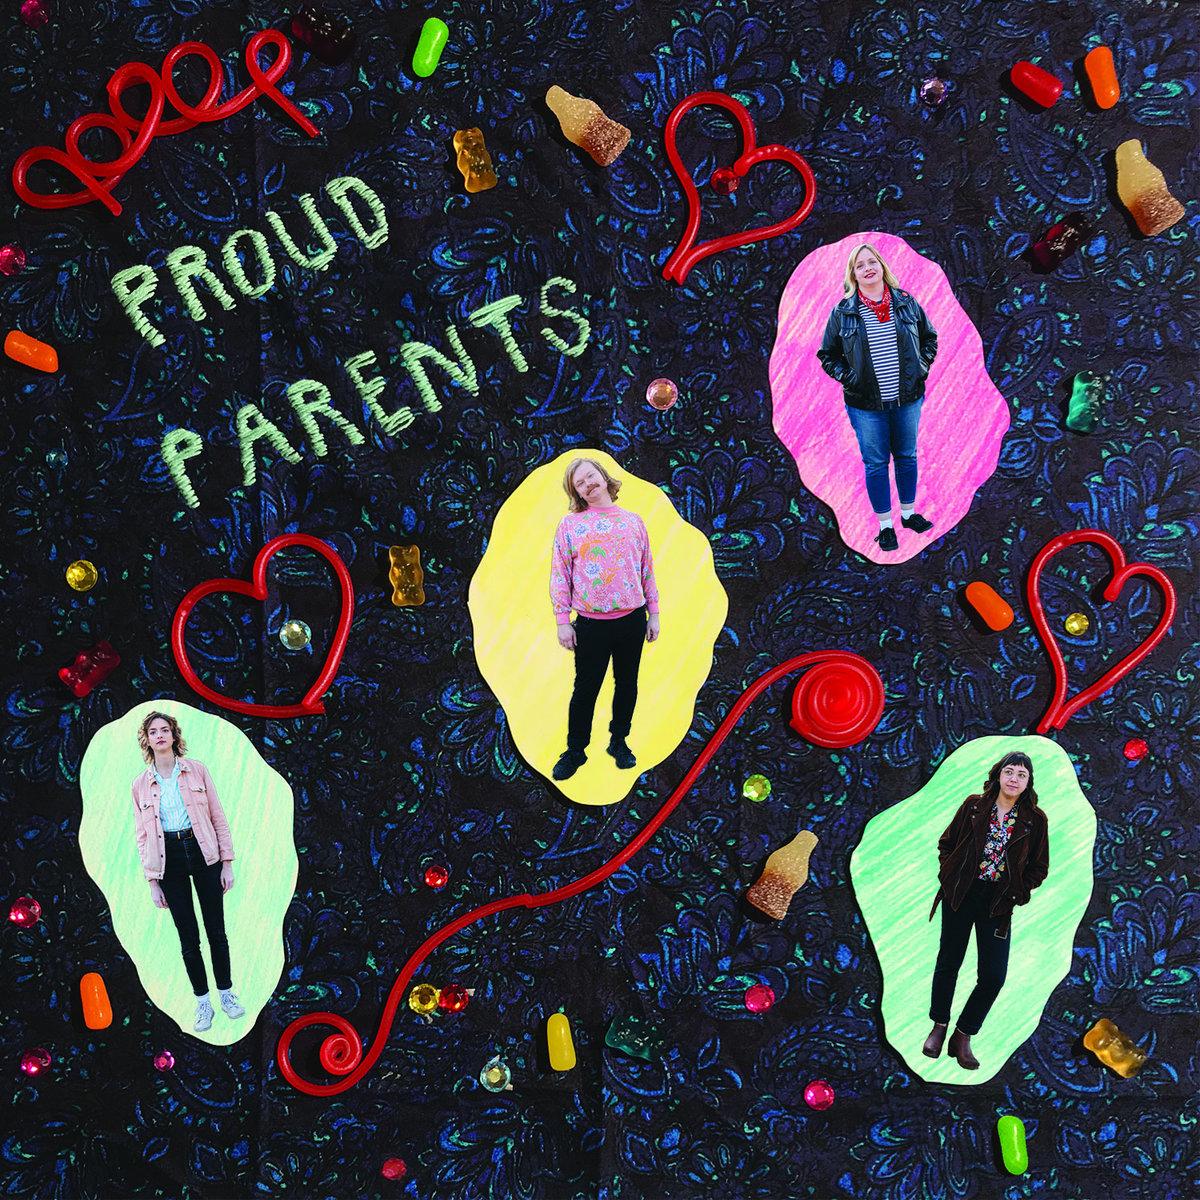 Proud Parents - Proud Parents